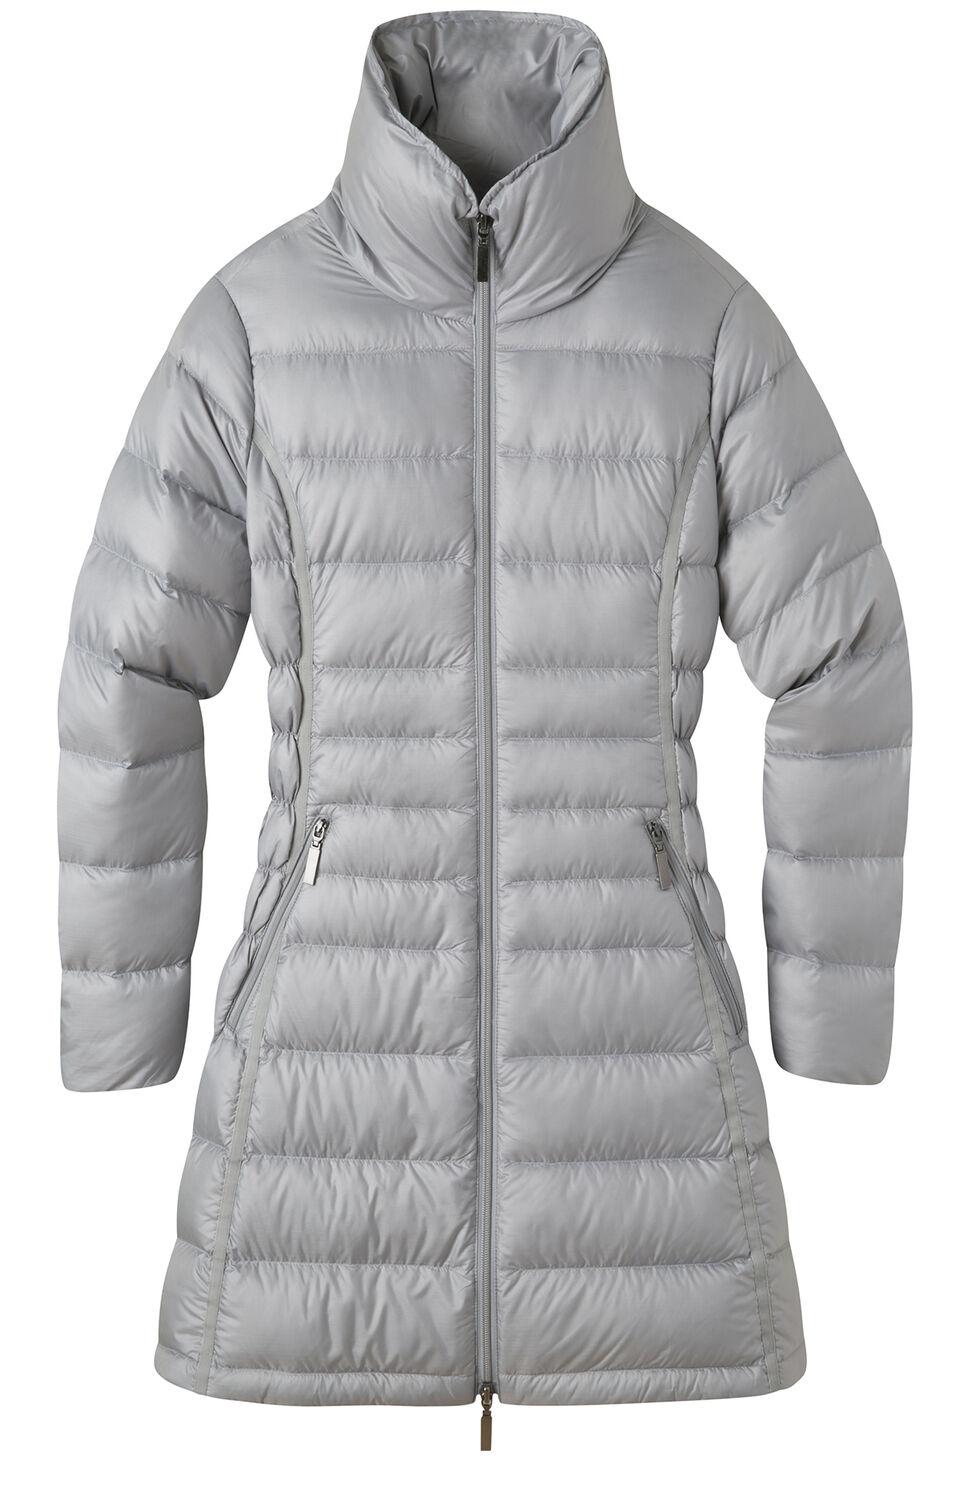 Mountain Khakis Women's Ooh La La Down Coat, Slate, hi-res